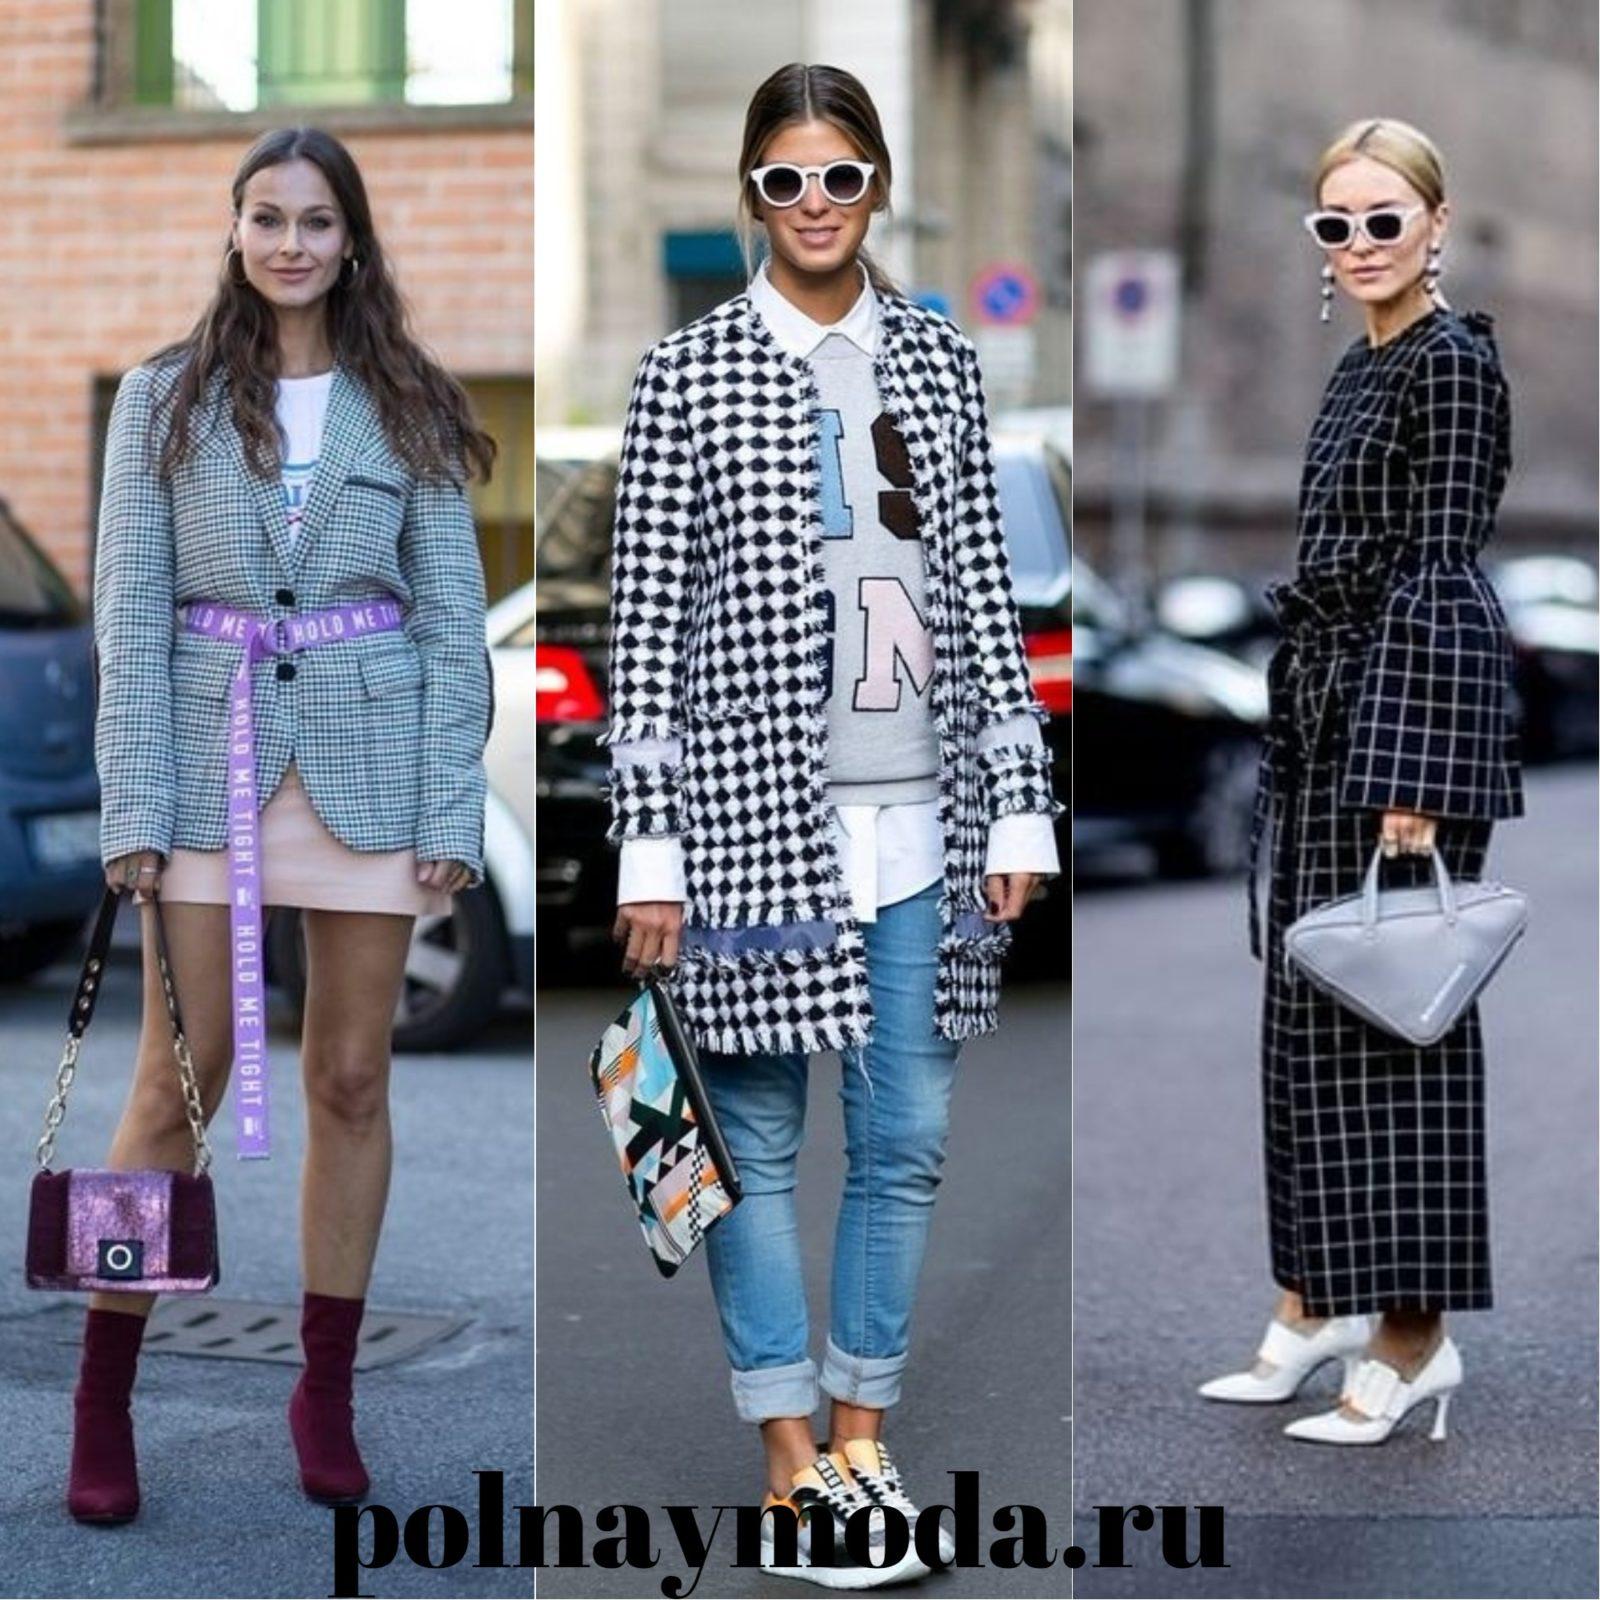 Уличная мода 2018 клетка одежда в клетку верхняя